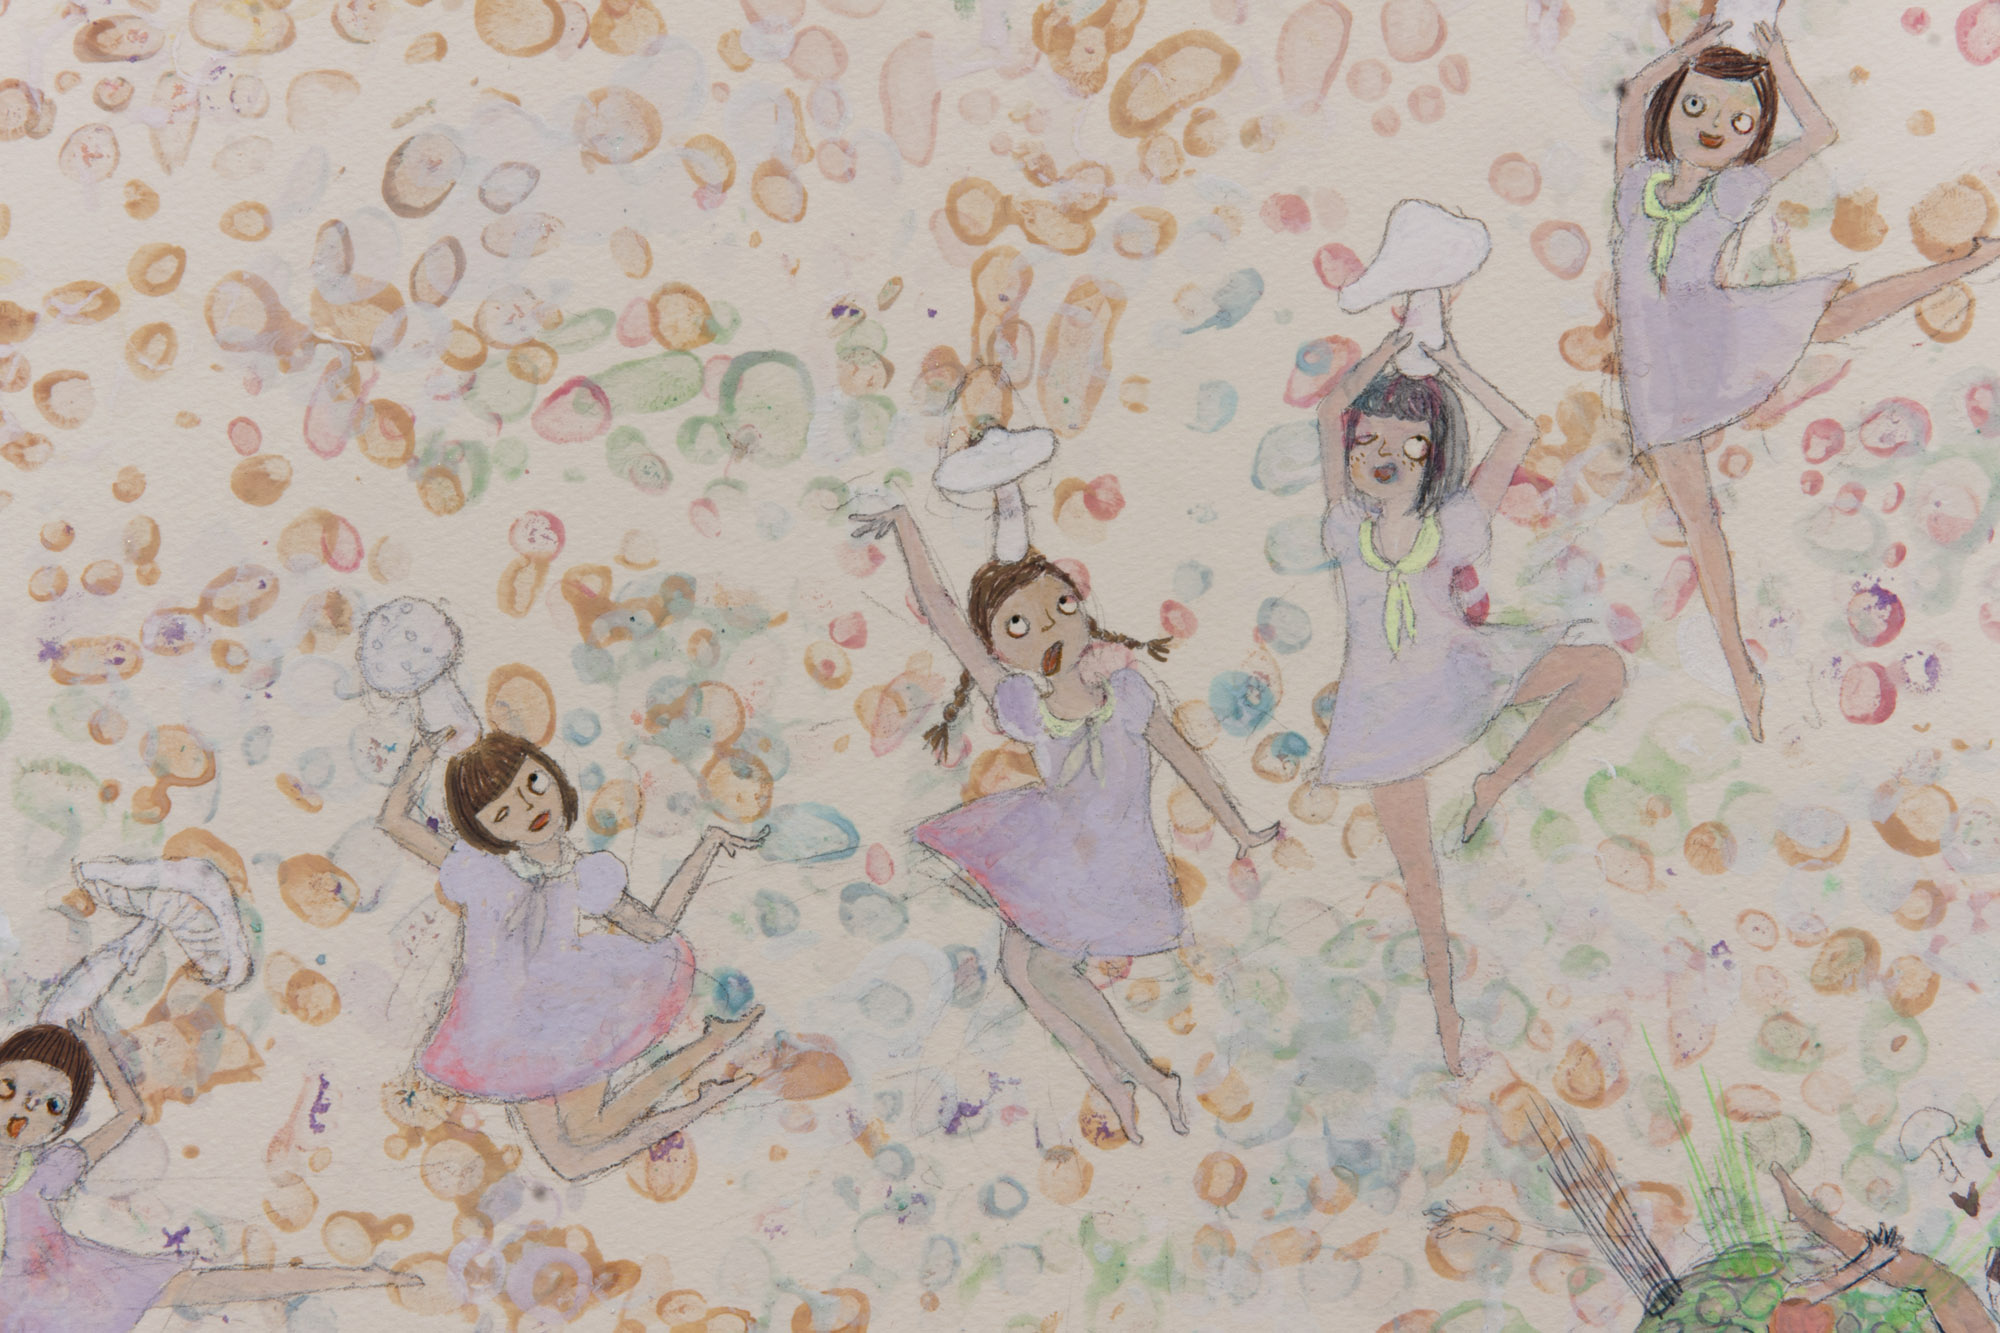 Kinoko #1 Detail